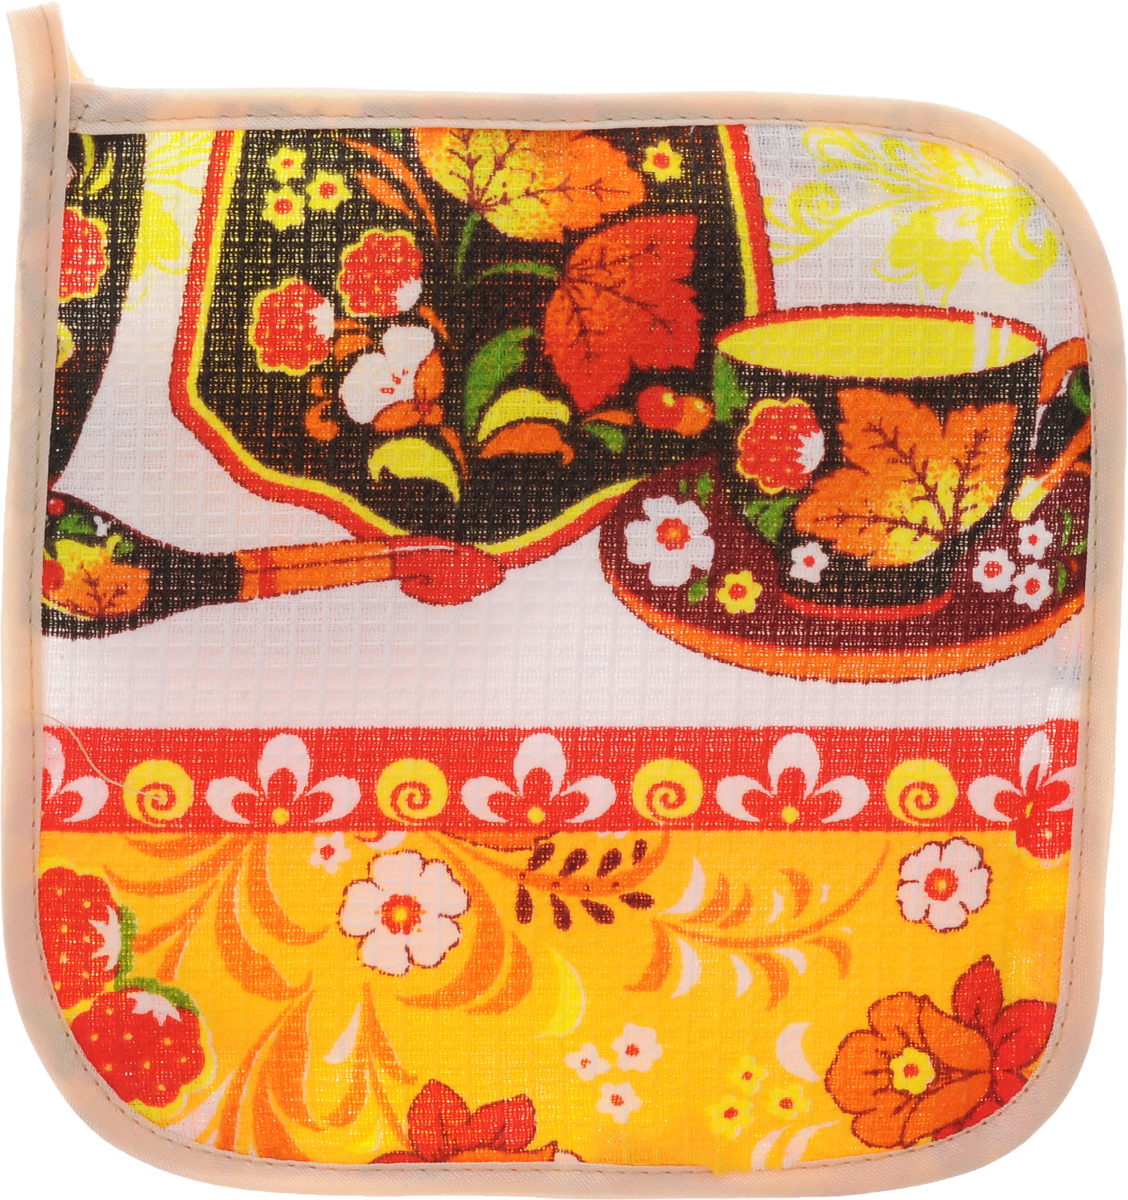 Прихватка Roko, 17 х 17 см. 115358S03301004Прихватка Roko - незаменимый помощник на любой кухне. Изделие выполнено натурального 100% хлопка и оформлено красочным принтом. Прихватка мягкая, удобная и практичная. Она защитит ваши руки и предотвратит появление ожогов. Оригинальный дизайн позволит красиво дополнить интерьер кухни. С помощью текстильной петельки прихватку можно подвесить на крючок.Уважаемые клиенты! Товар поставляется в цветовом ассортименте. Поставка осуществляется в зависимости от наличия на складе.